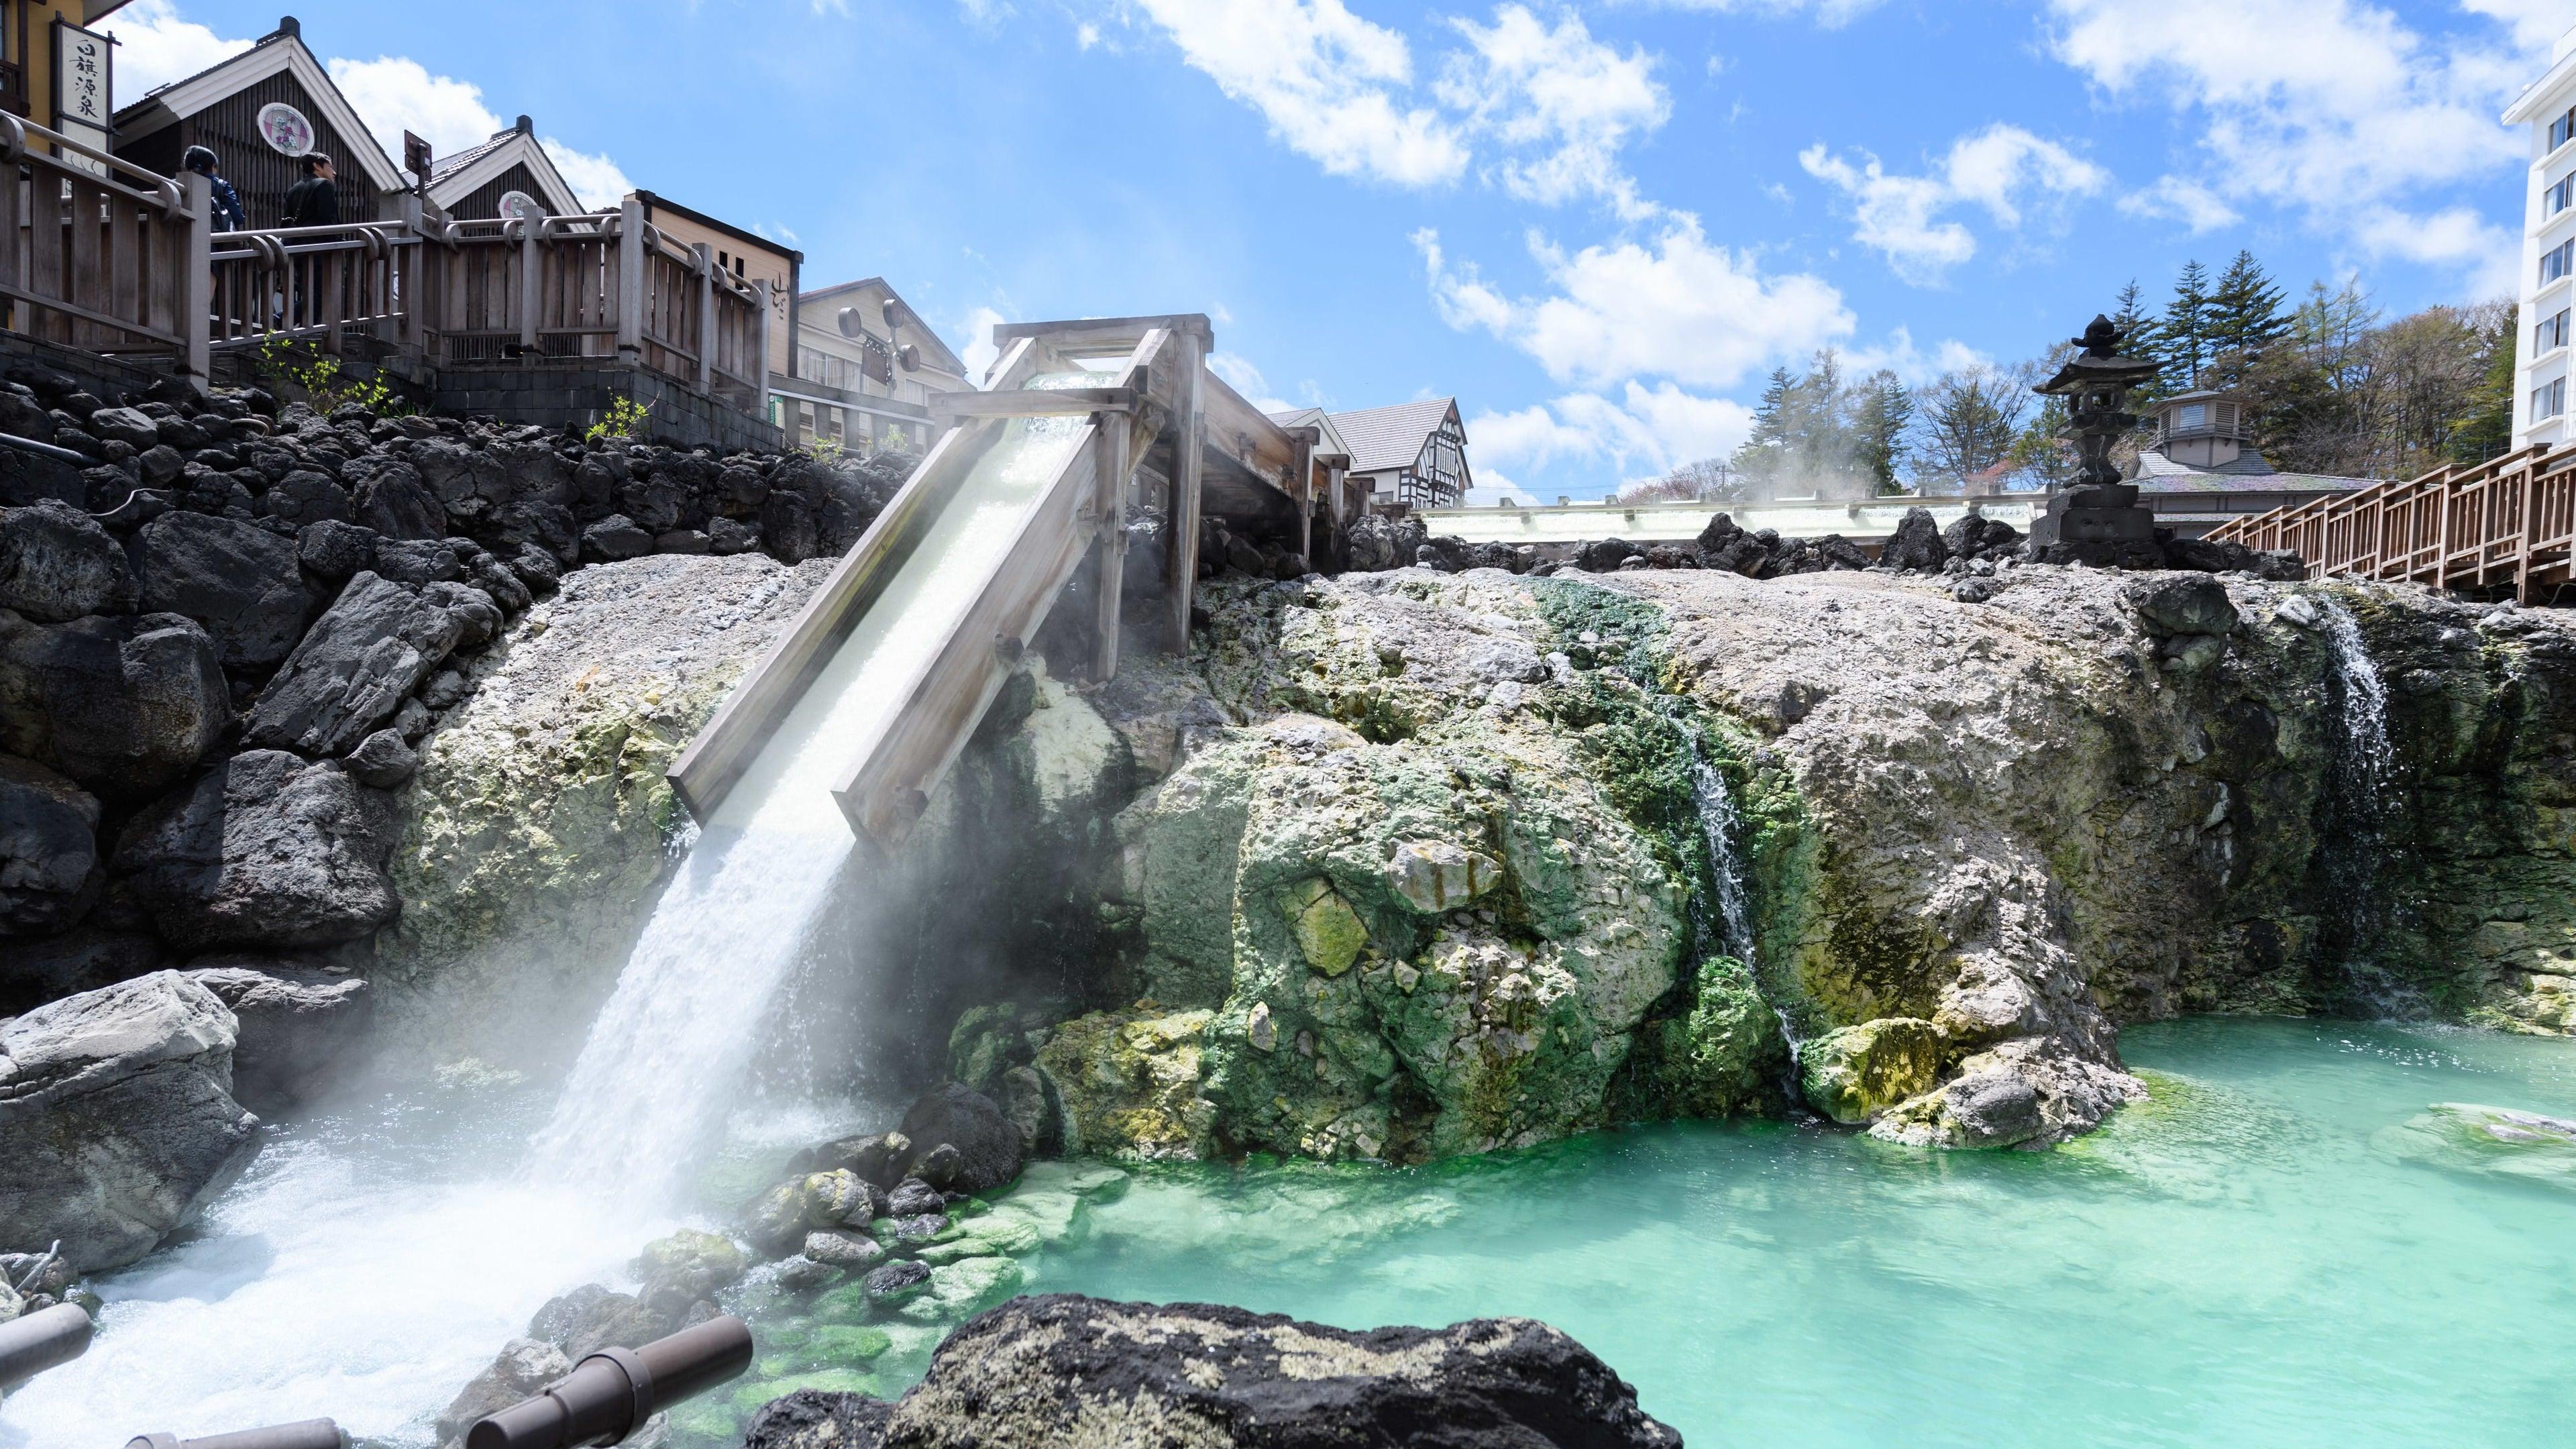 草津のおすすめホテル|日本を代表する3名泉草津温泉